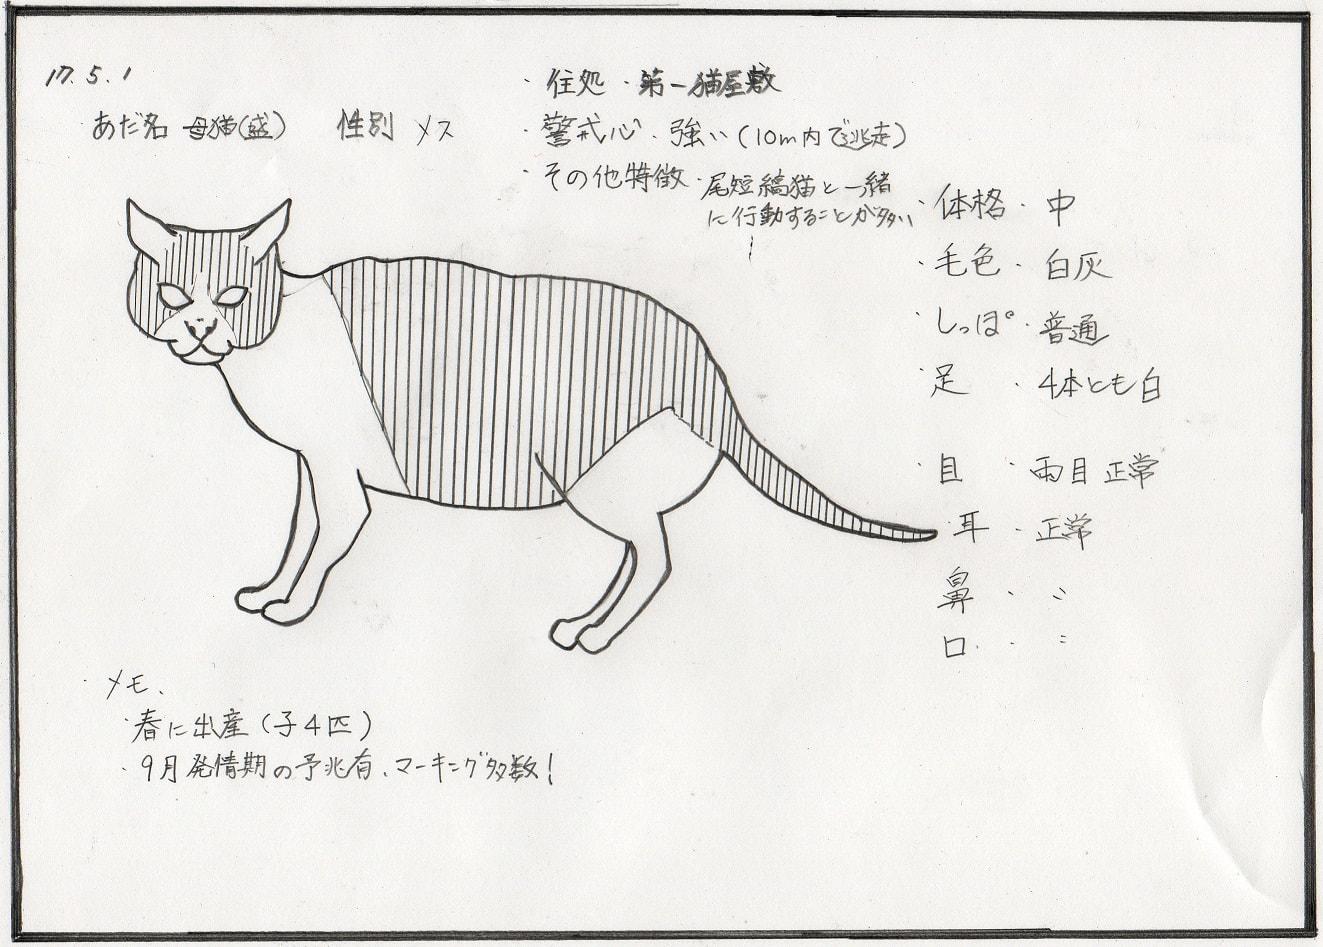 母猫(盛)絵